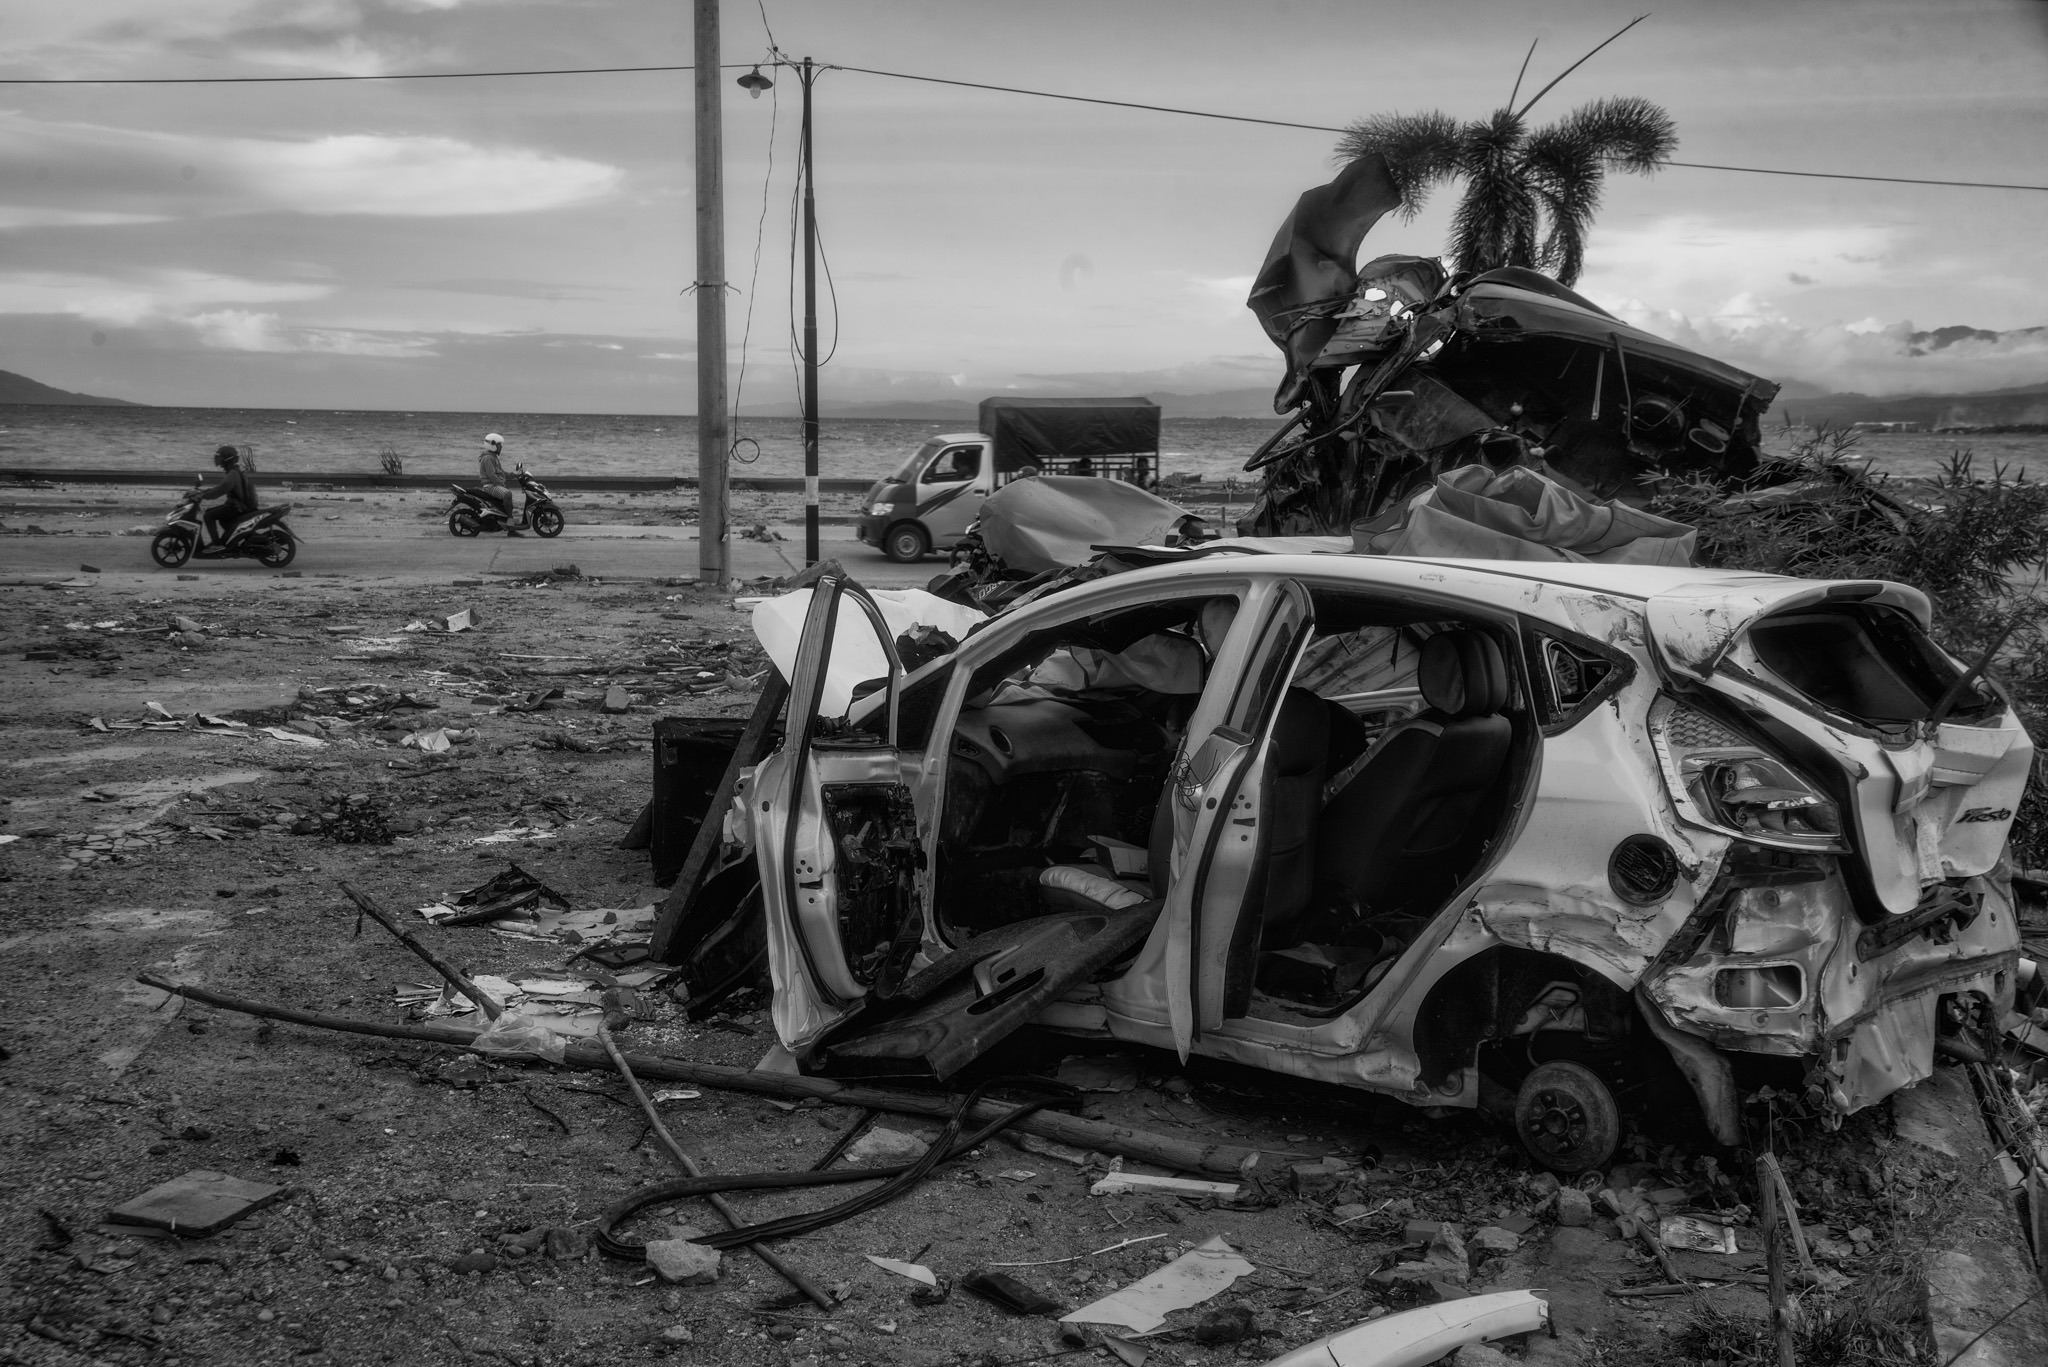 sulawesi eartquake 2018